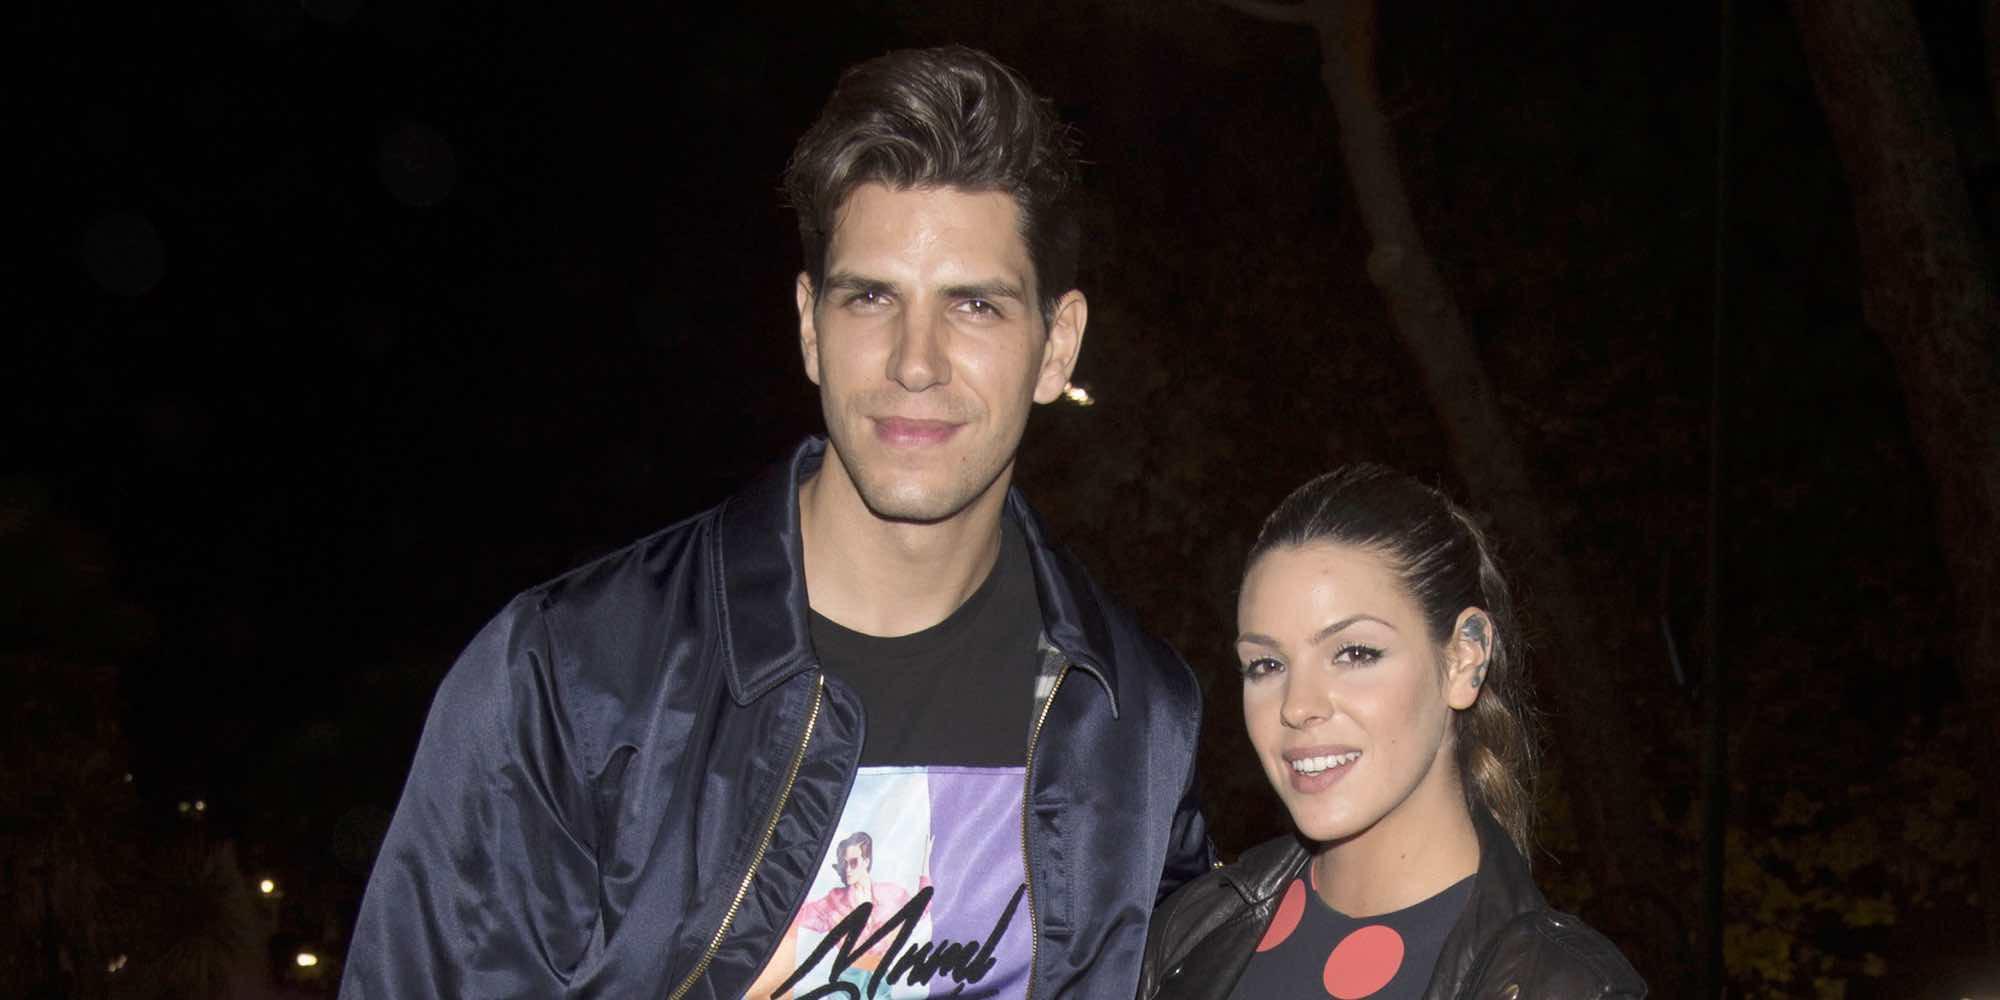 Las redes sociales confirman el distanciamiento entre Diego y Laura Matamoros